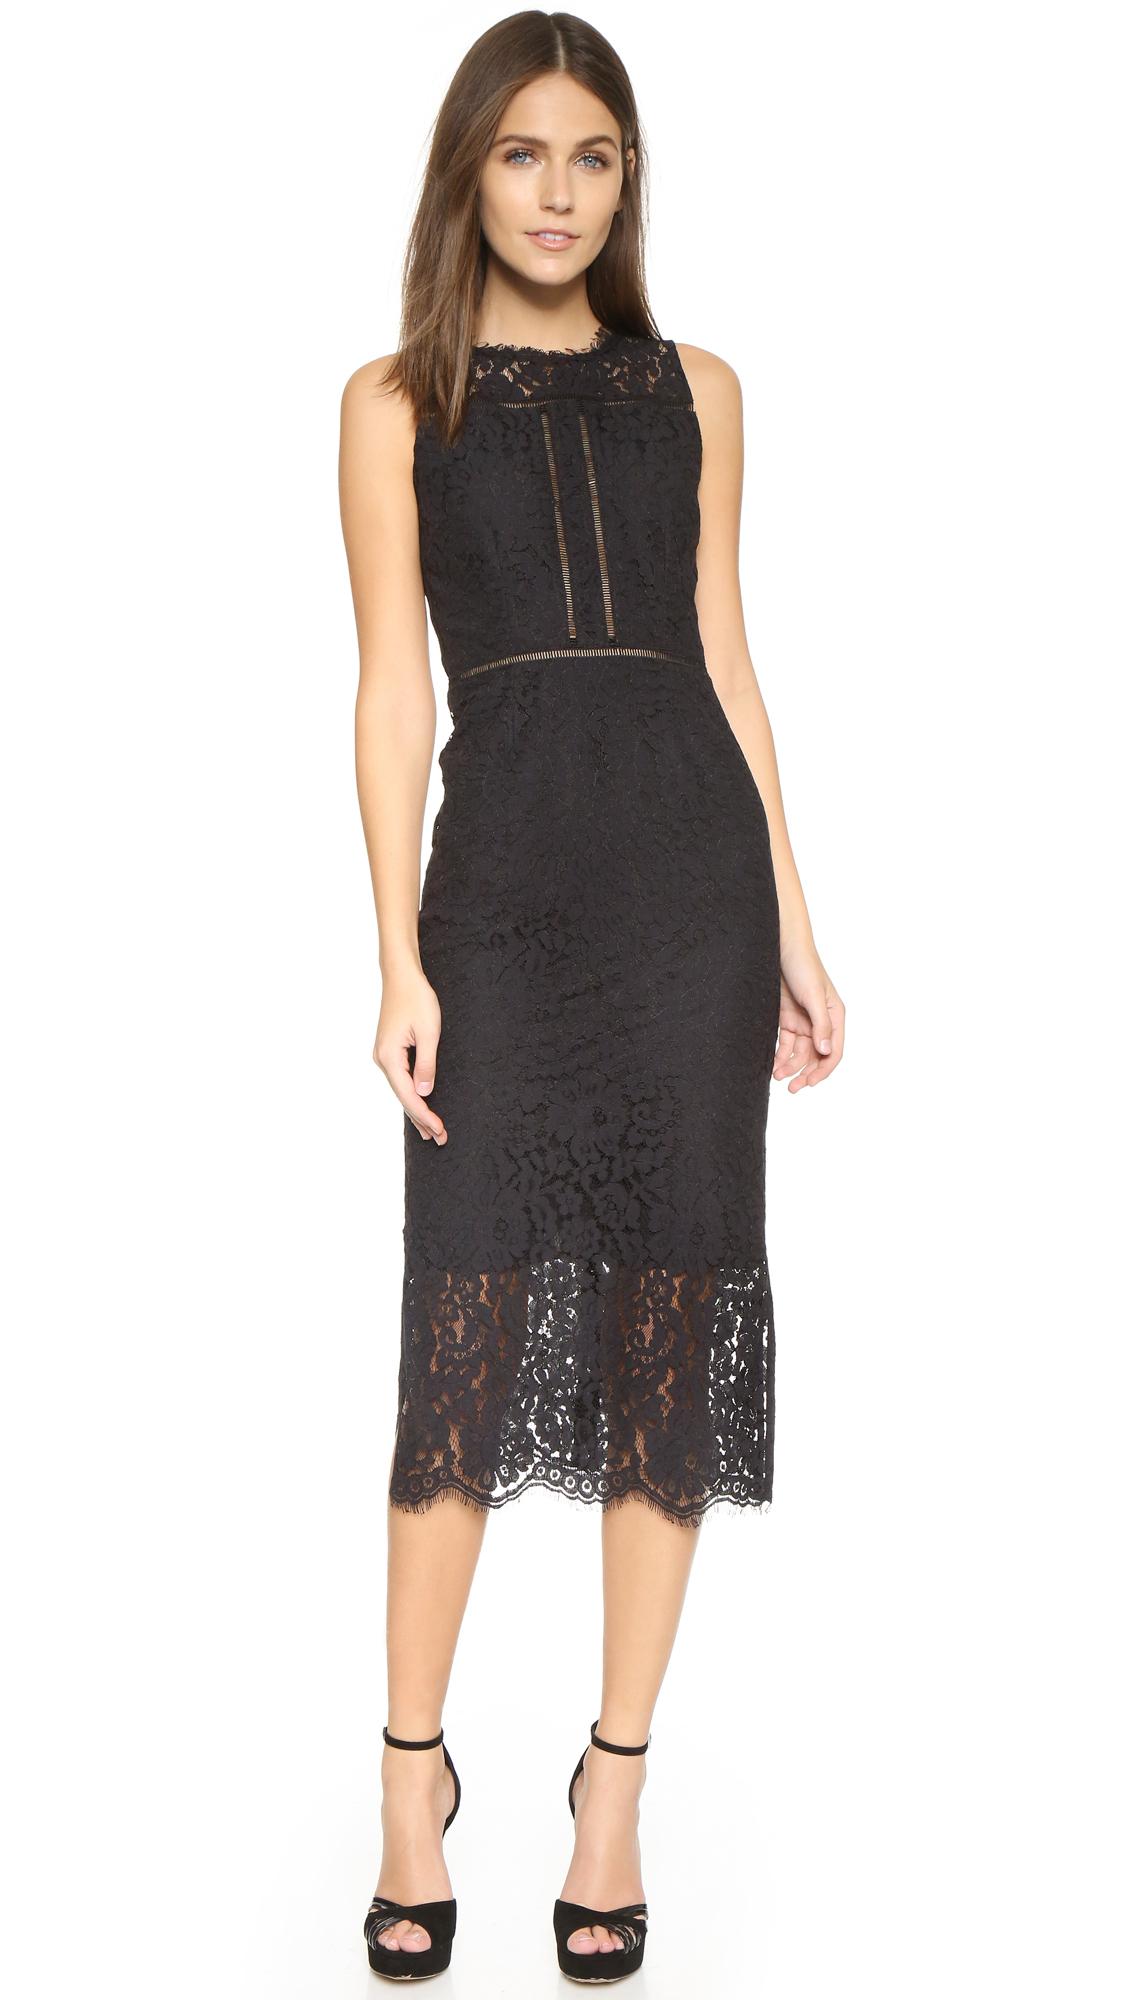 lace midi dress - photo #28